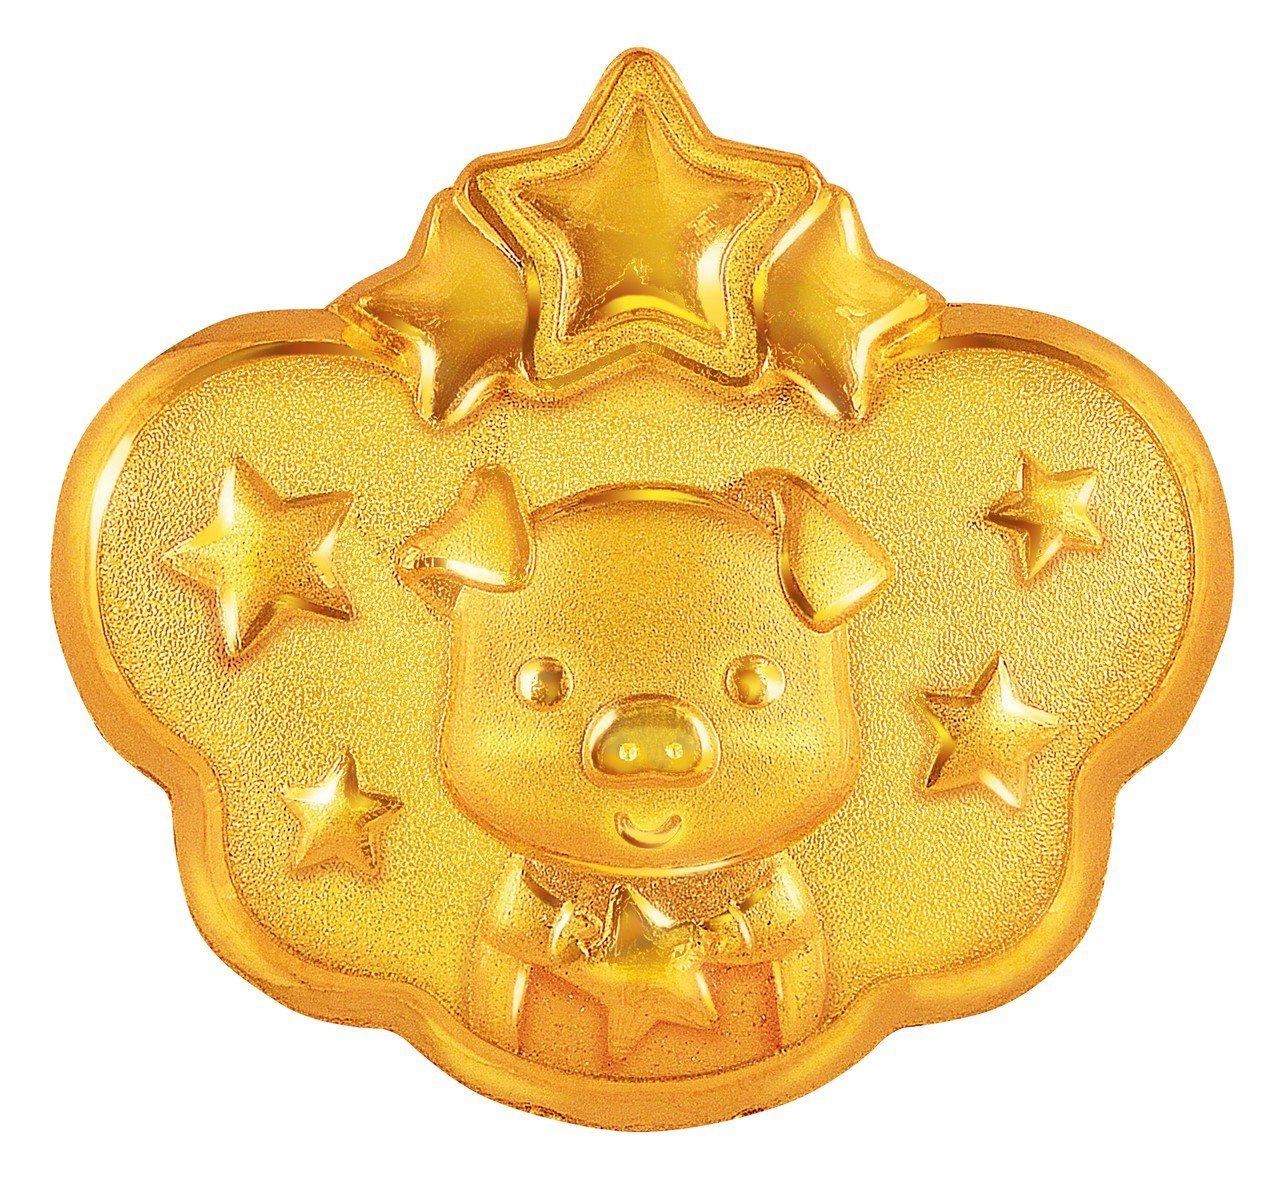 周大福「吉星高照」黃金嬰兒鎖包約0.17兩起,價格店洽。圖/周大福提供